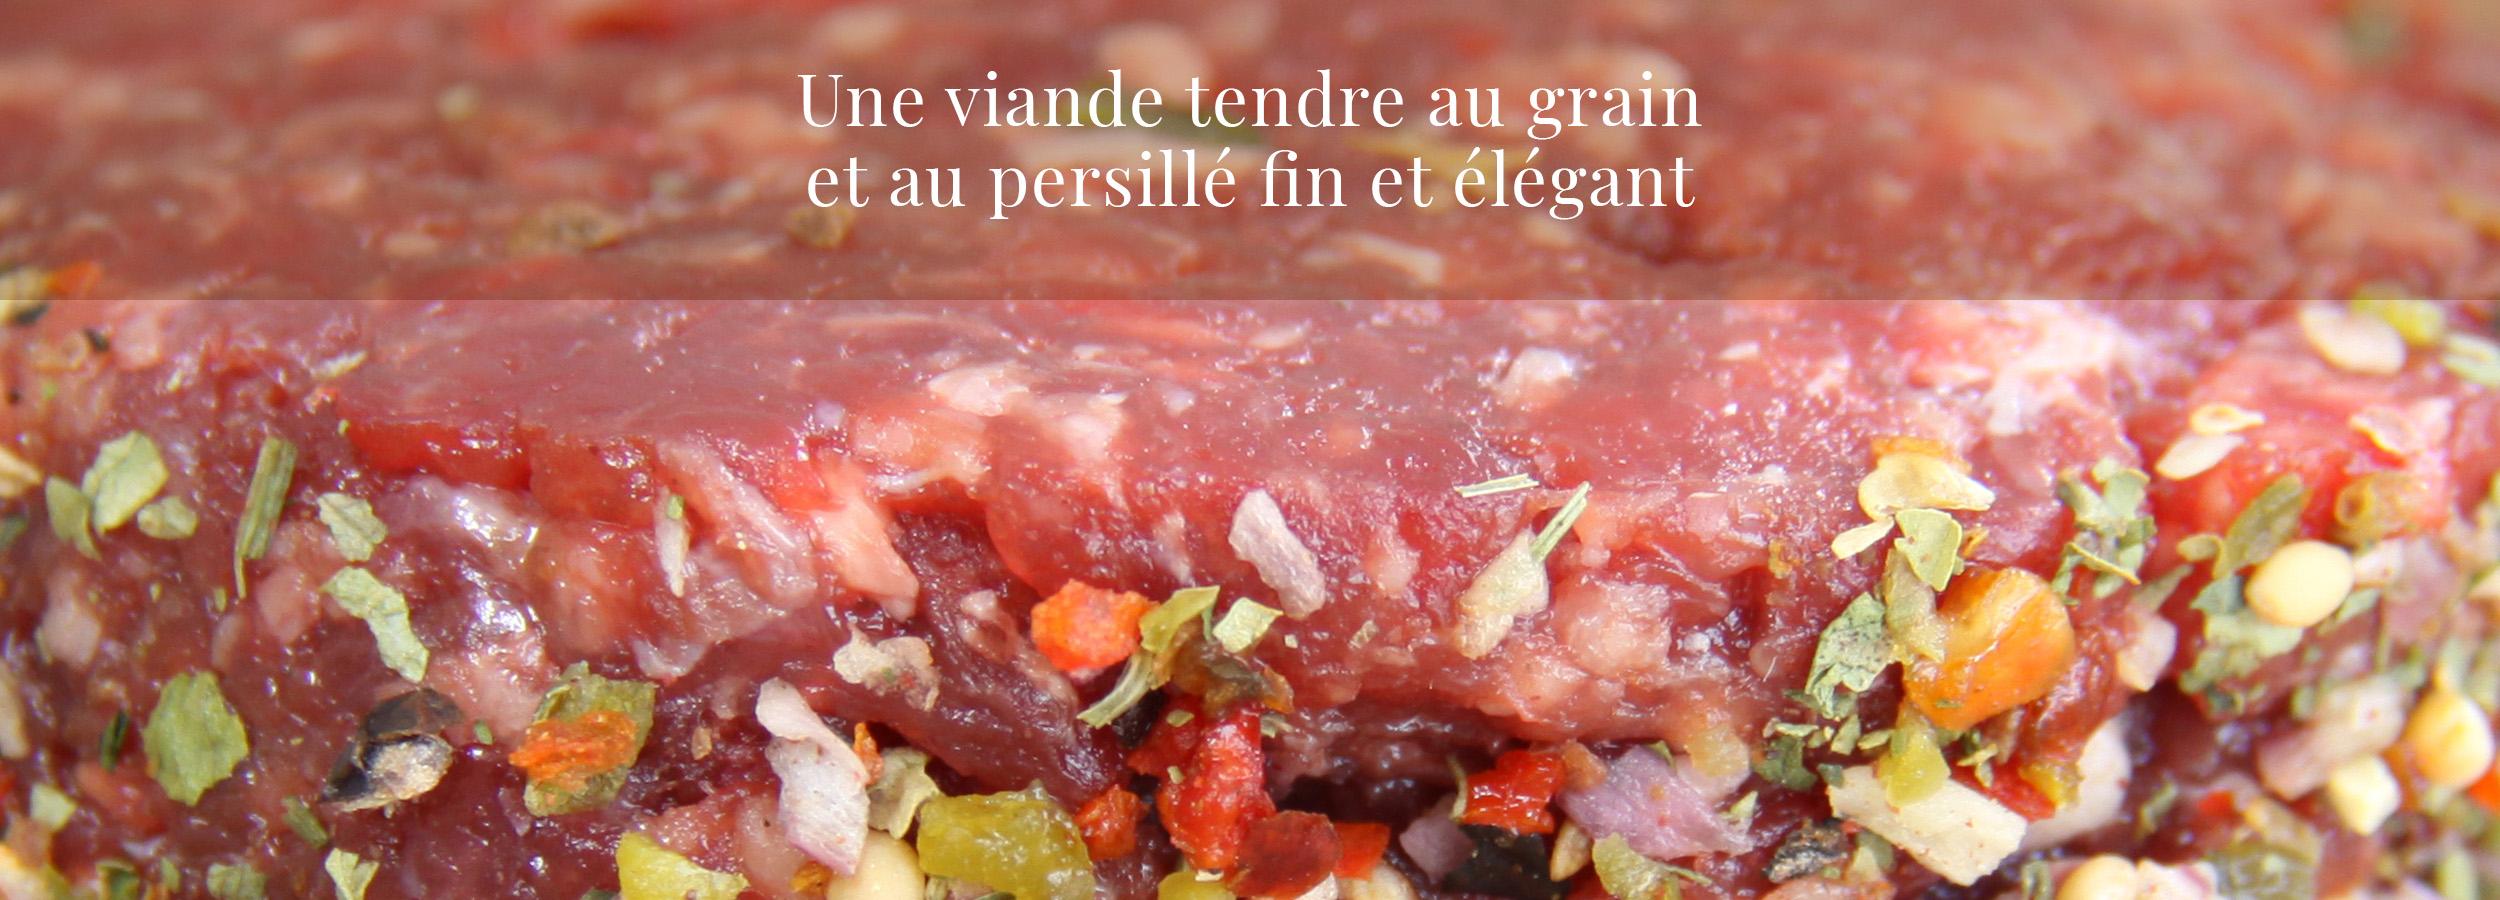 viande d'exception signée Maison Voland